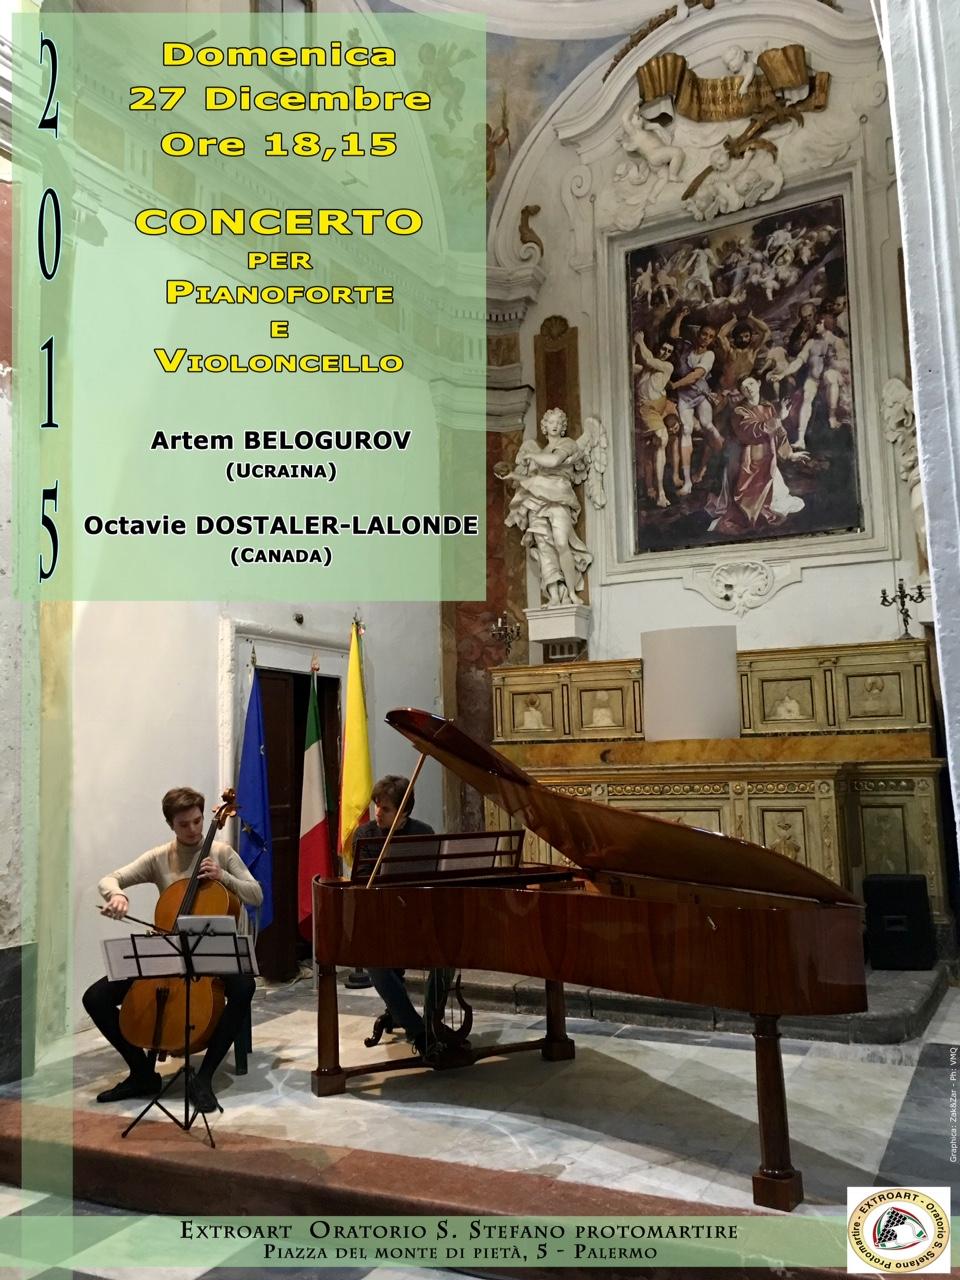 Concerto per pianoforte e violoncello